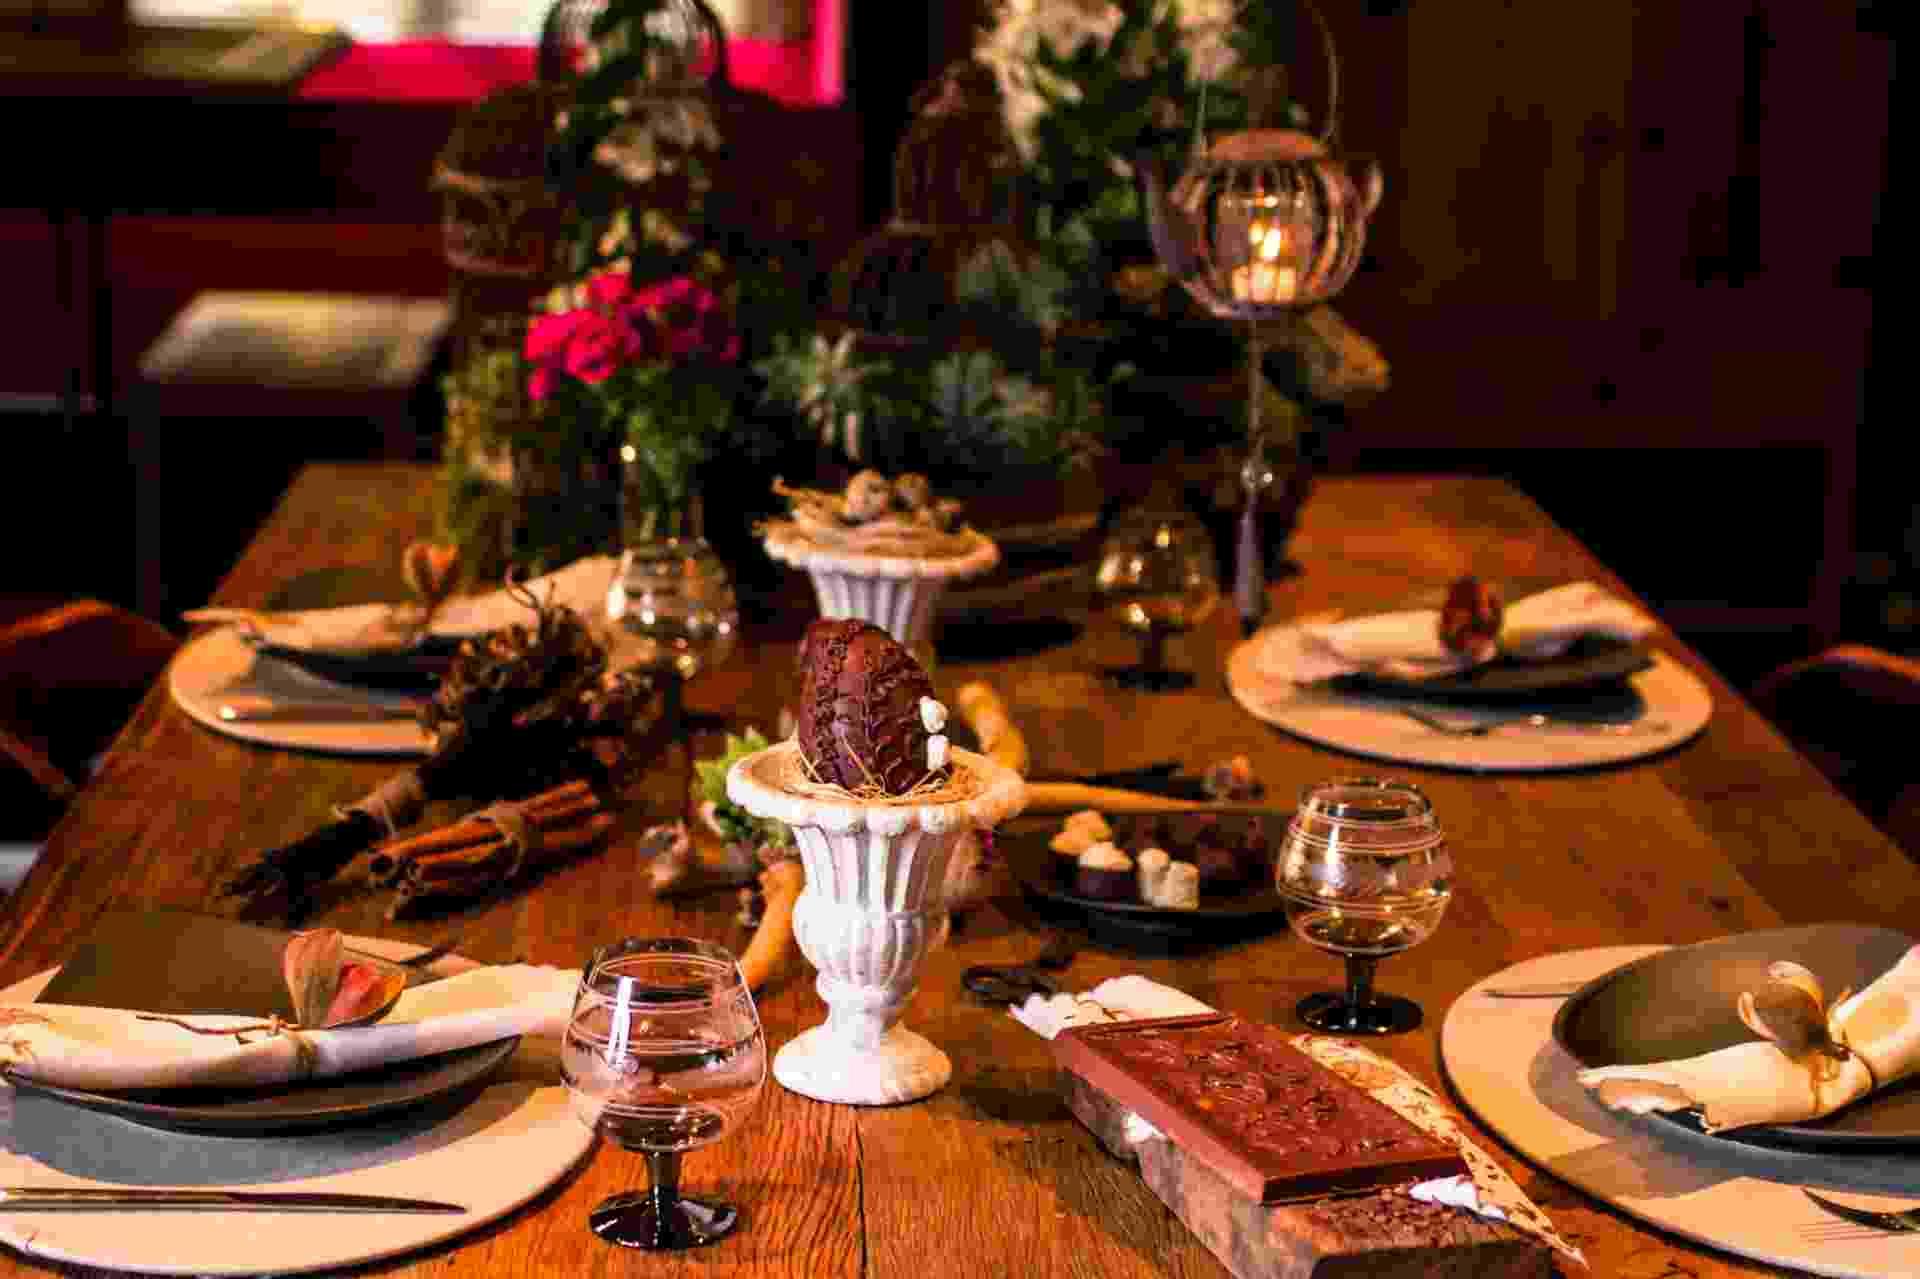 Passo a passo mesa de Páscoa (Imagens produzidas para UOL Casa e Decoração, não usar sem autorização) - Edna Fróes/ Divulgação